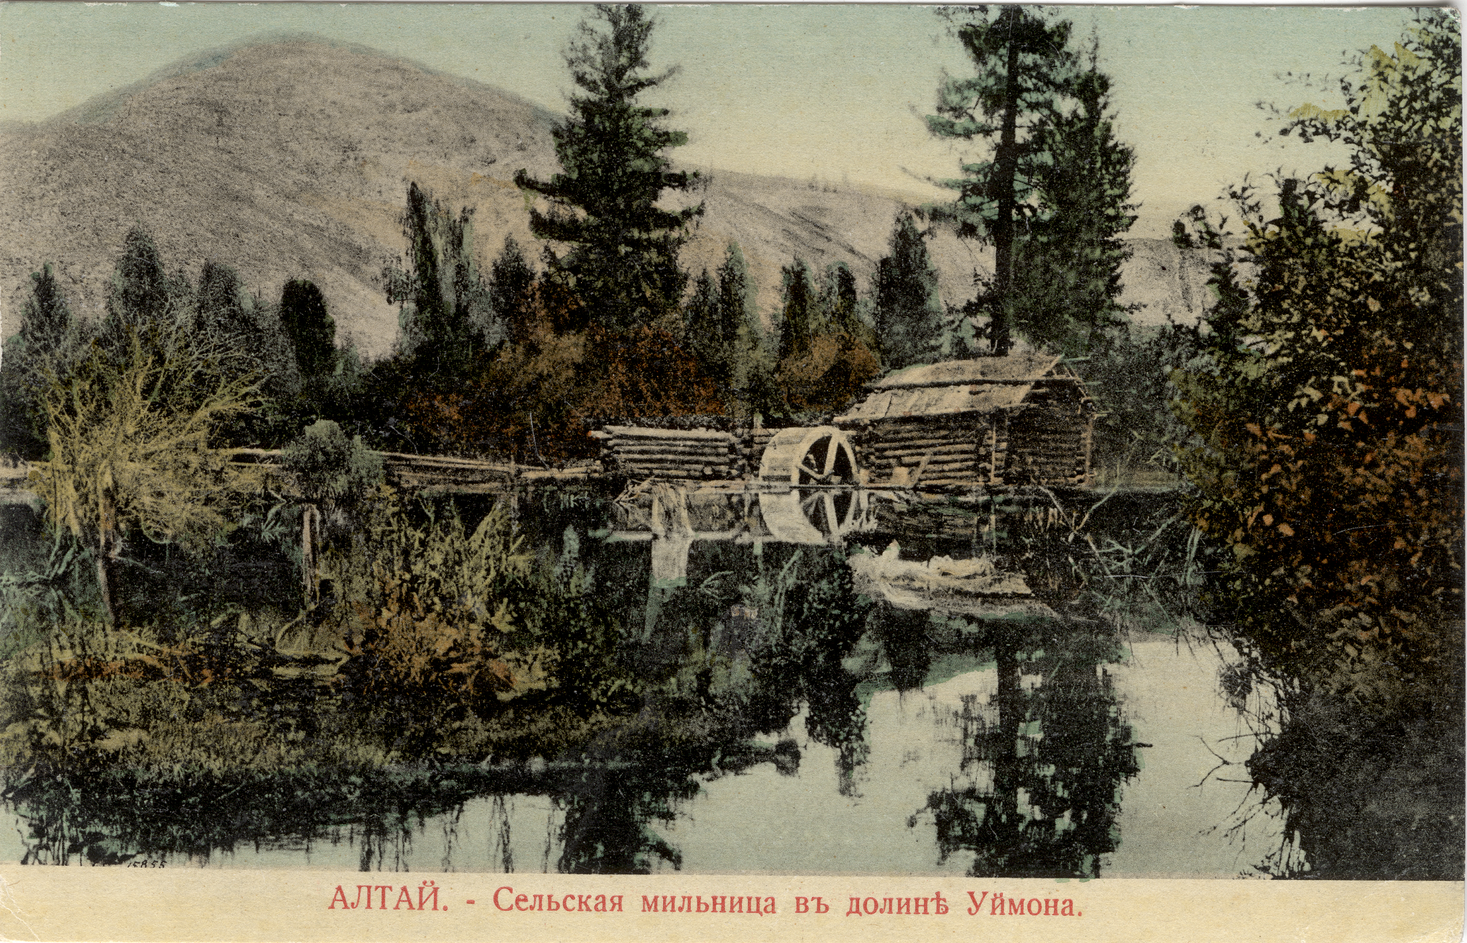 Водяная мельница в долине реки Уймон, притоке Катуни